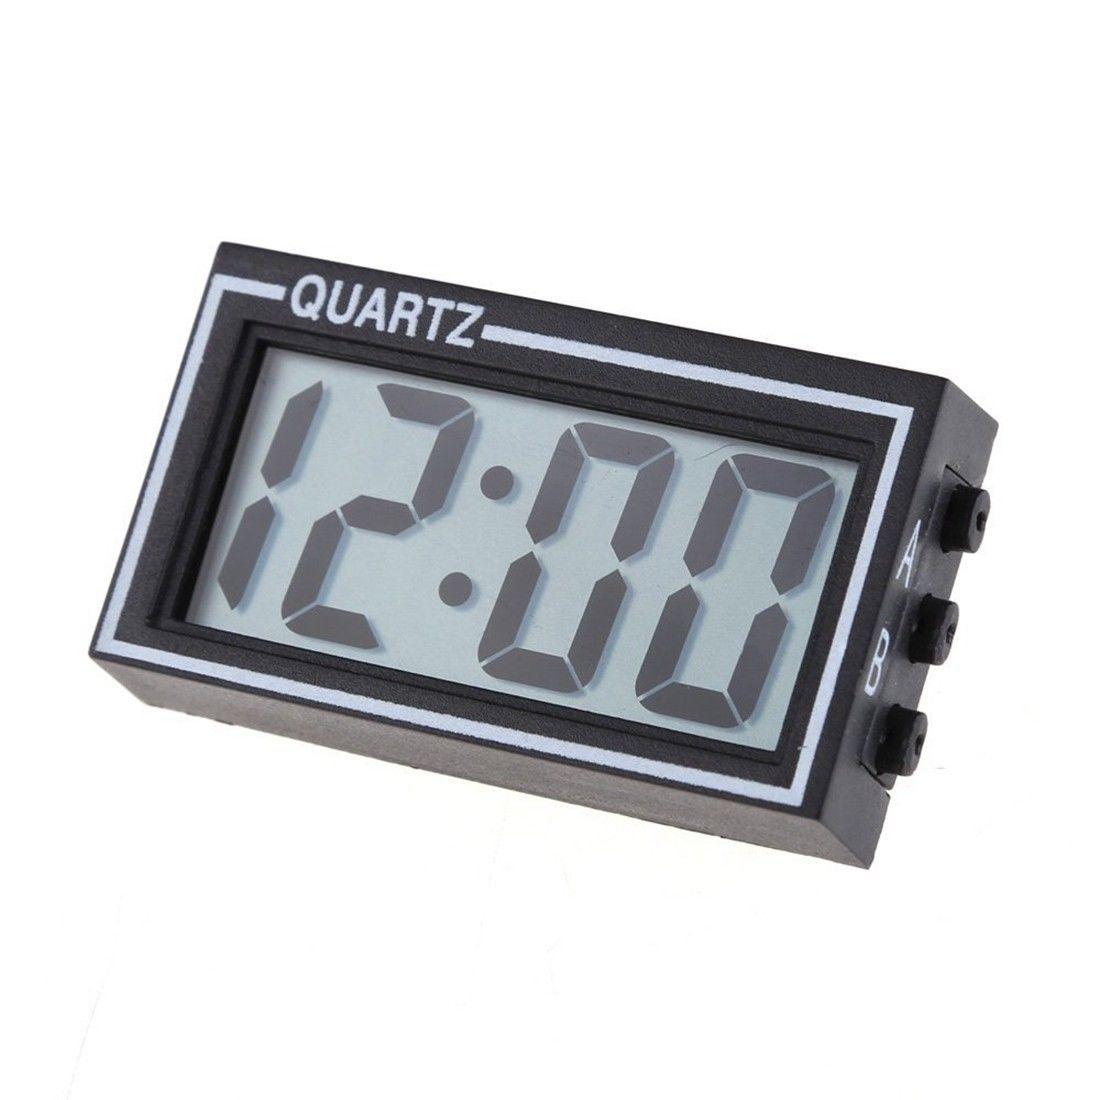 Mini Digital LCD Auto Car Truck Dashboard Date Time Calendar Clock Black O1W5